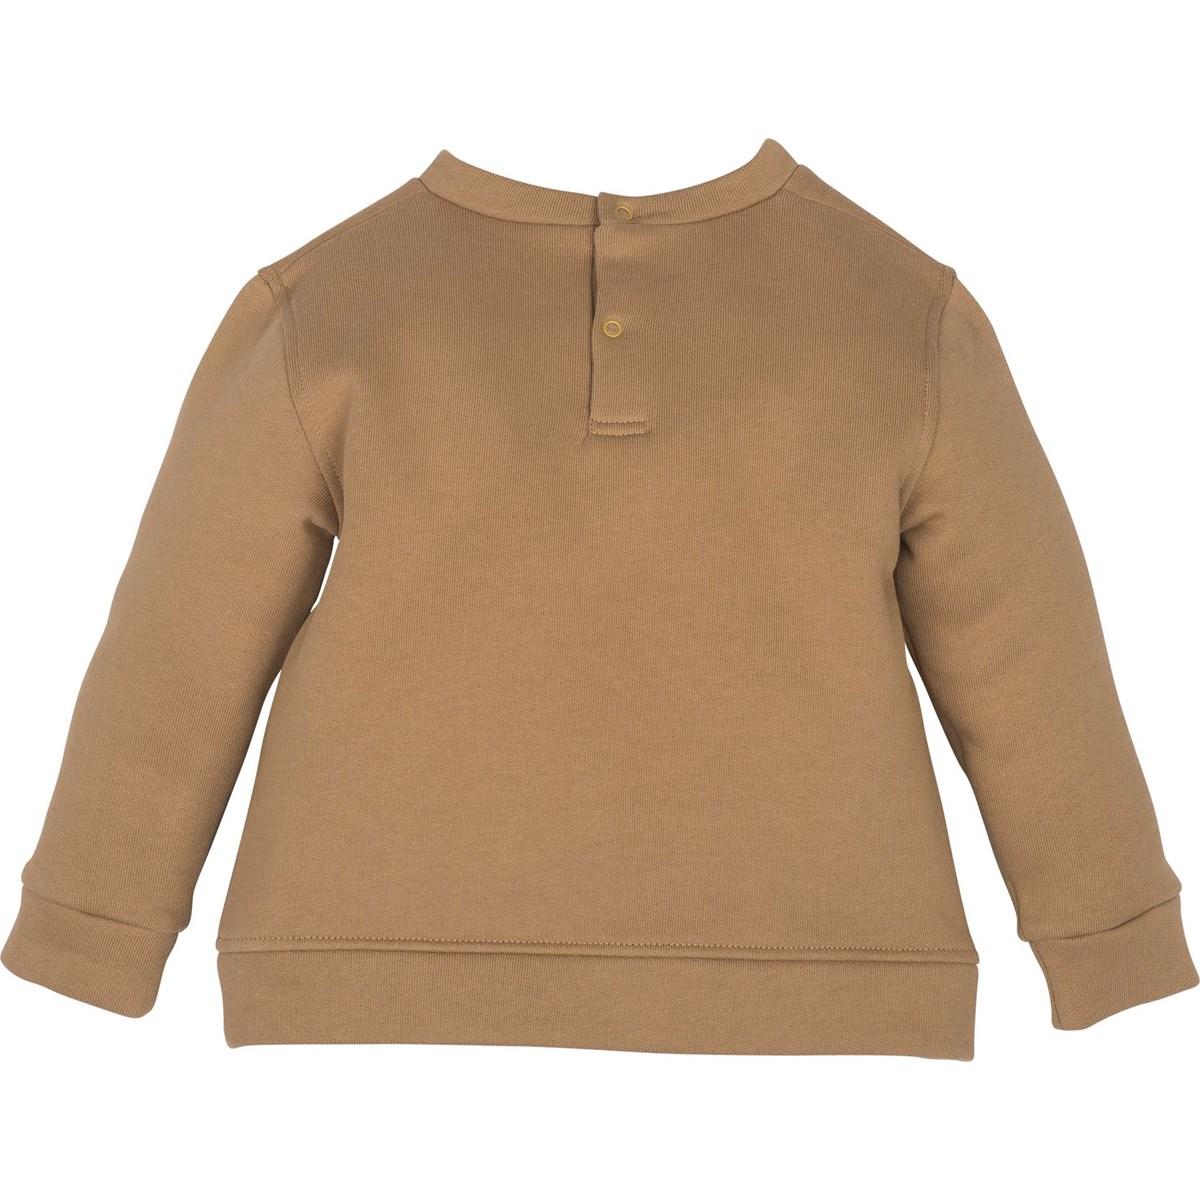 12678 Sweatshirt 2